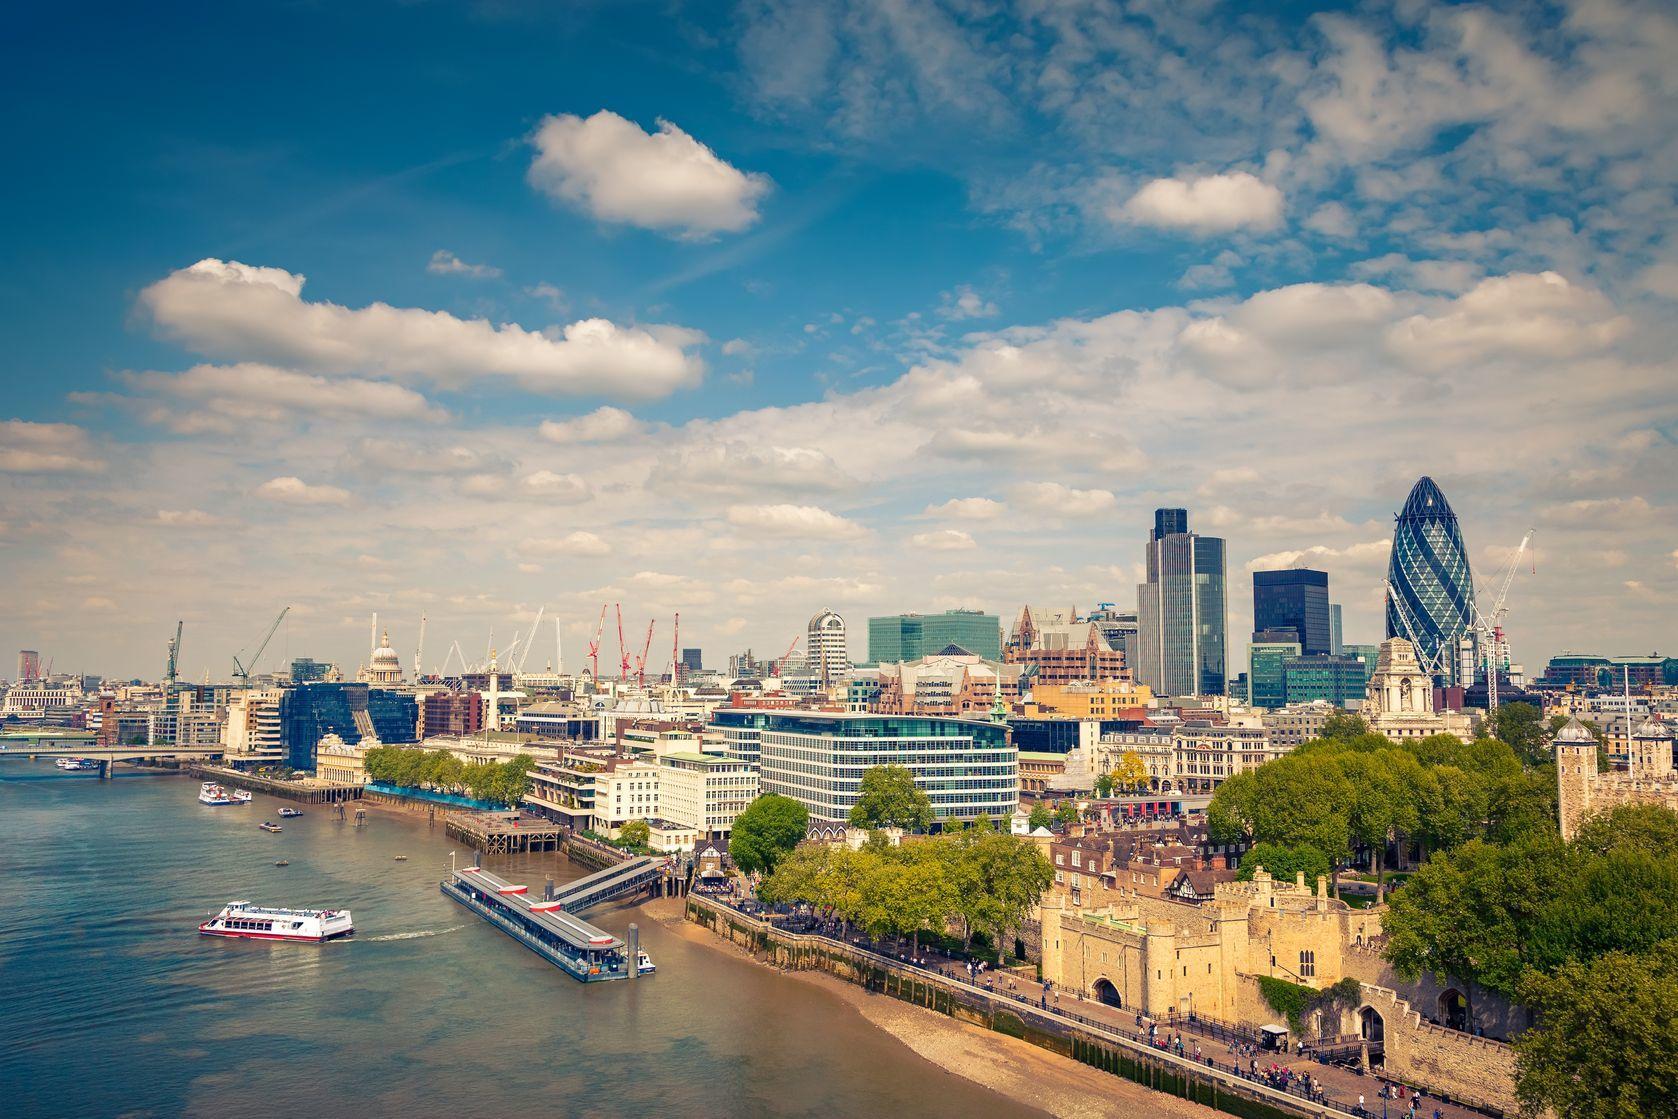 Letecký pohled na město London | sborisov/123RF.com